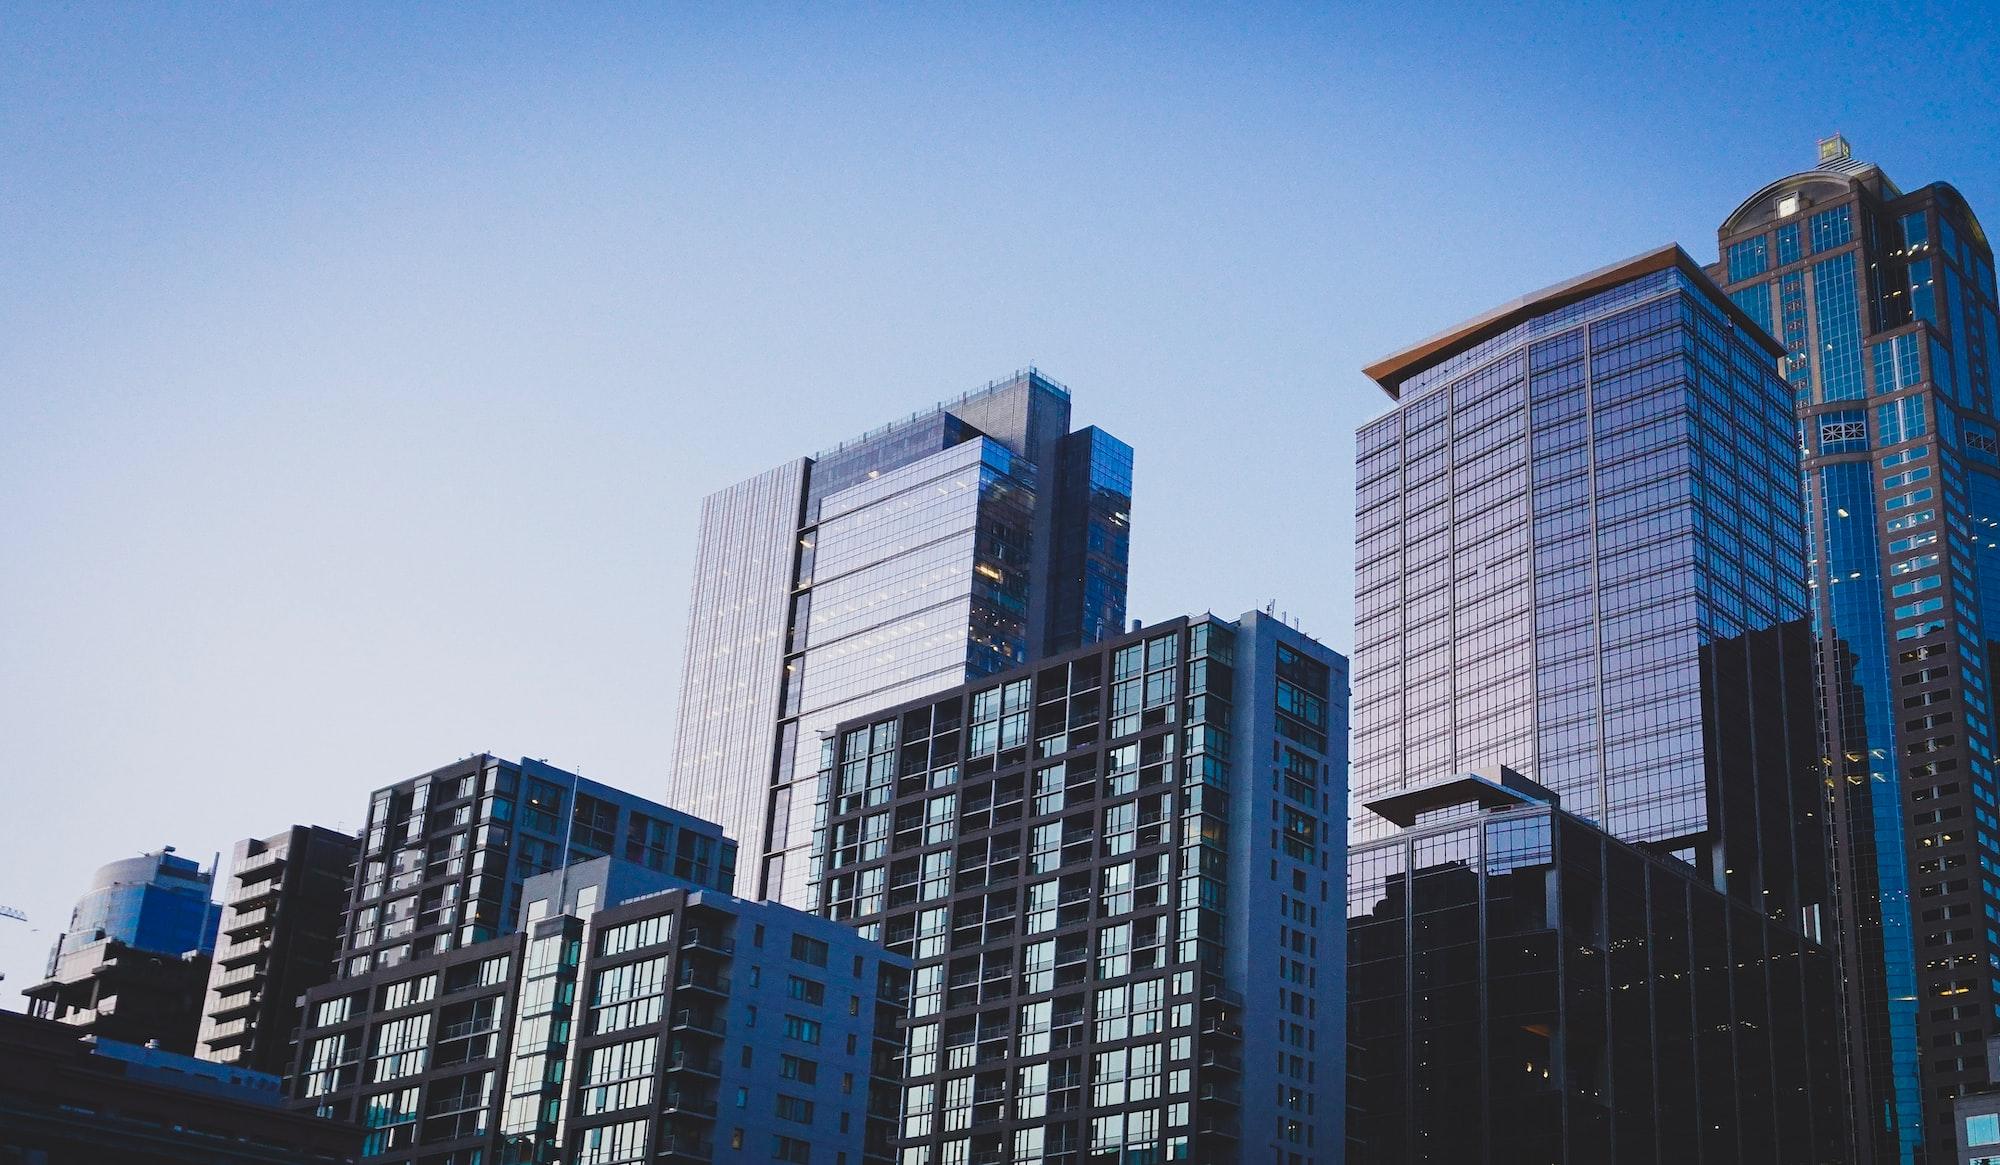 A informação imobiliária para muitos investidores não está facilmente disponível ou organizada. Photo by Jason Dent / Unsplash